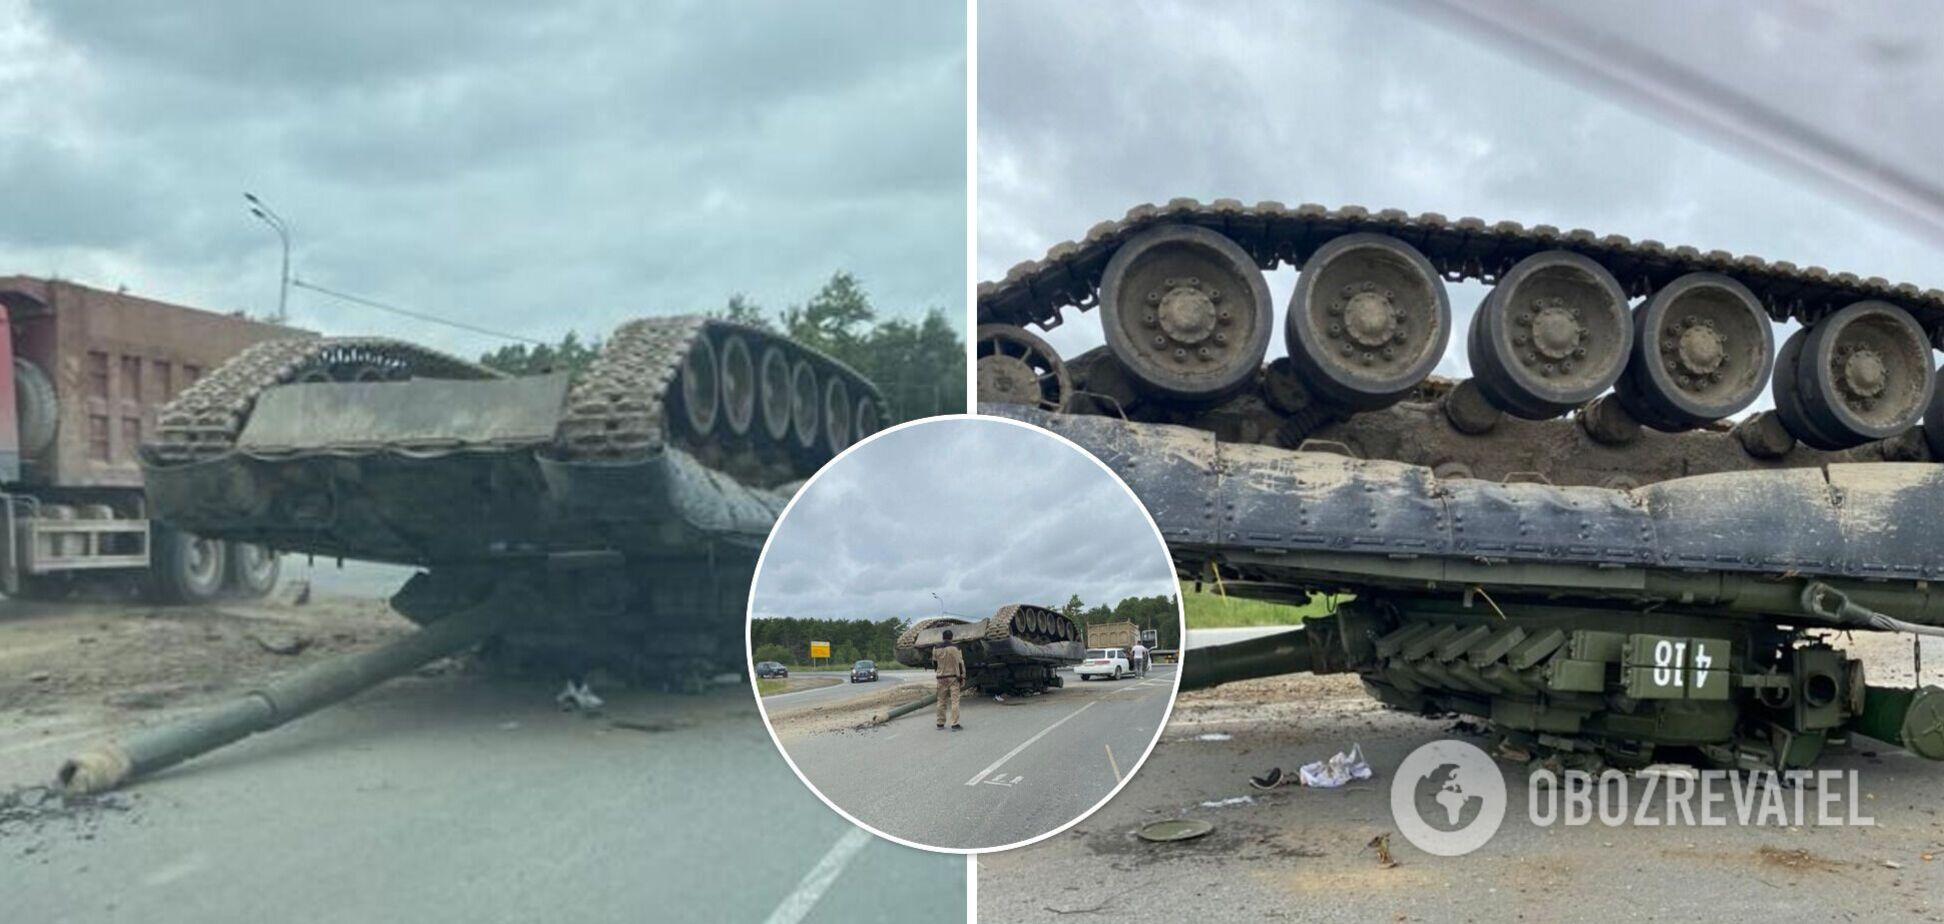 В Росси на трассе потеряли танк